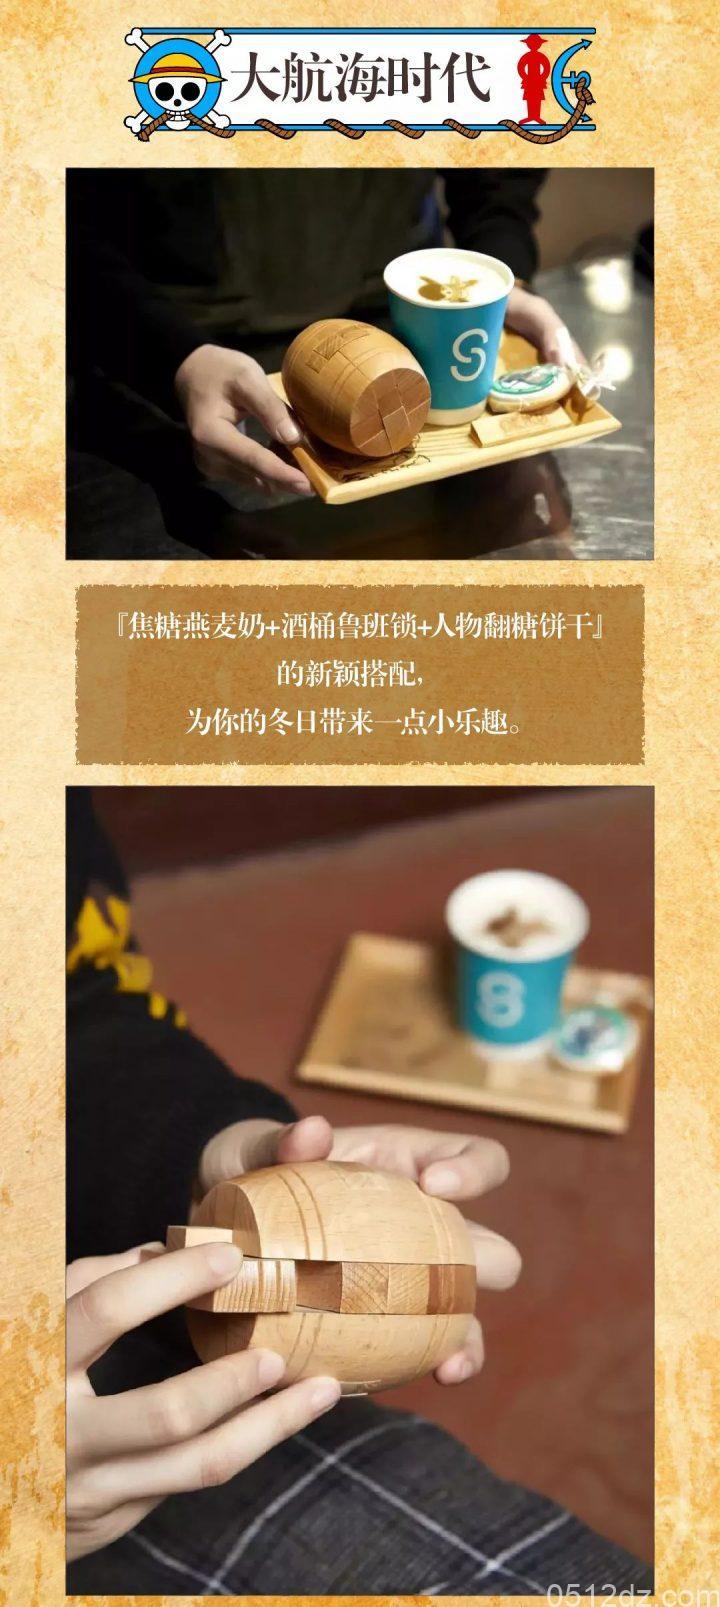 """大陆首家正版""""航海王咖啡快闪店""""来啦"""